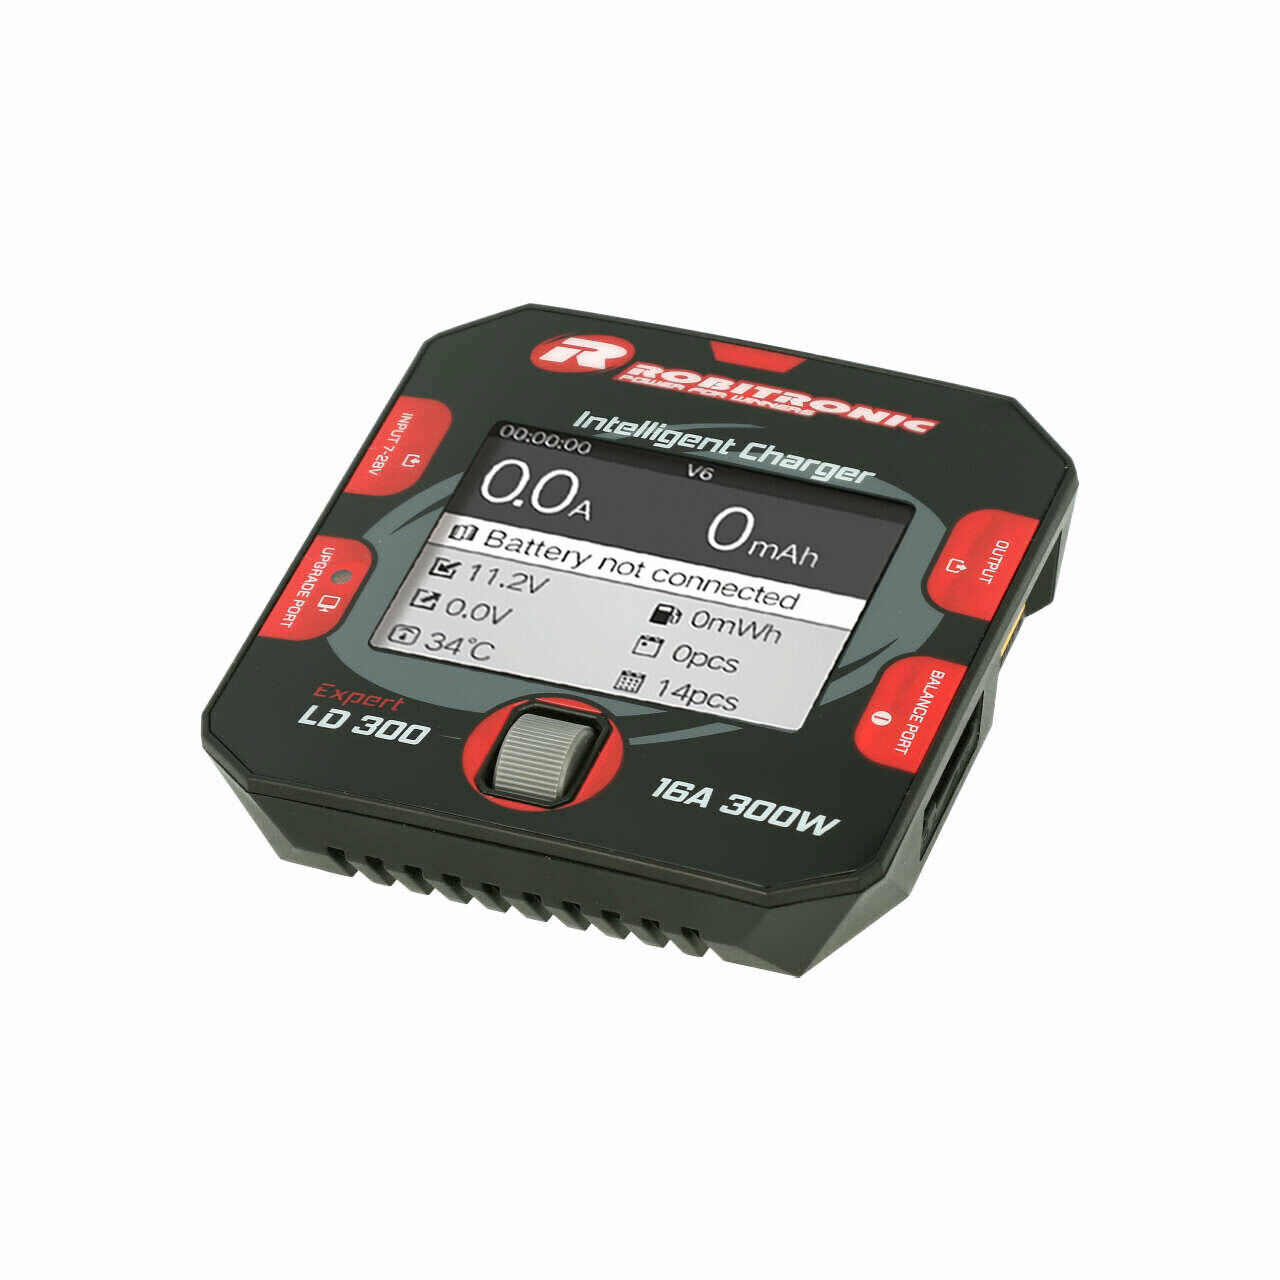 Robitronic r01014 Expert ld 300 cargador lipo 1-6s 16a 300w DC